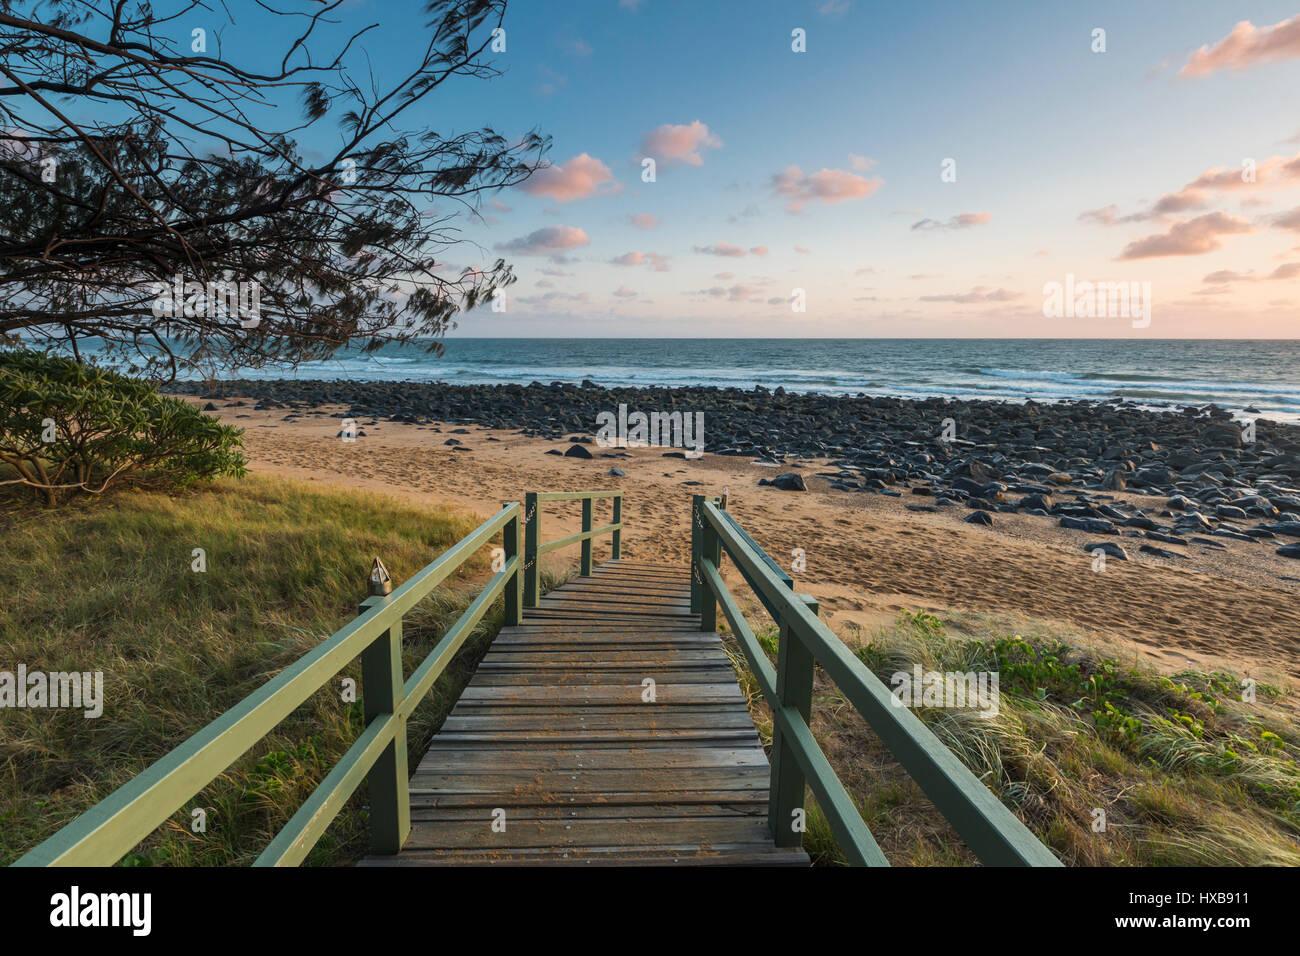 Visualizza percorso di discesa alla spiaggia di Mon Repos all'alba. Bundaberg, Queensland, Australia Immagini Stock